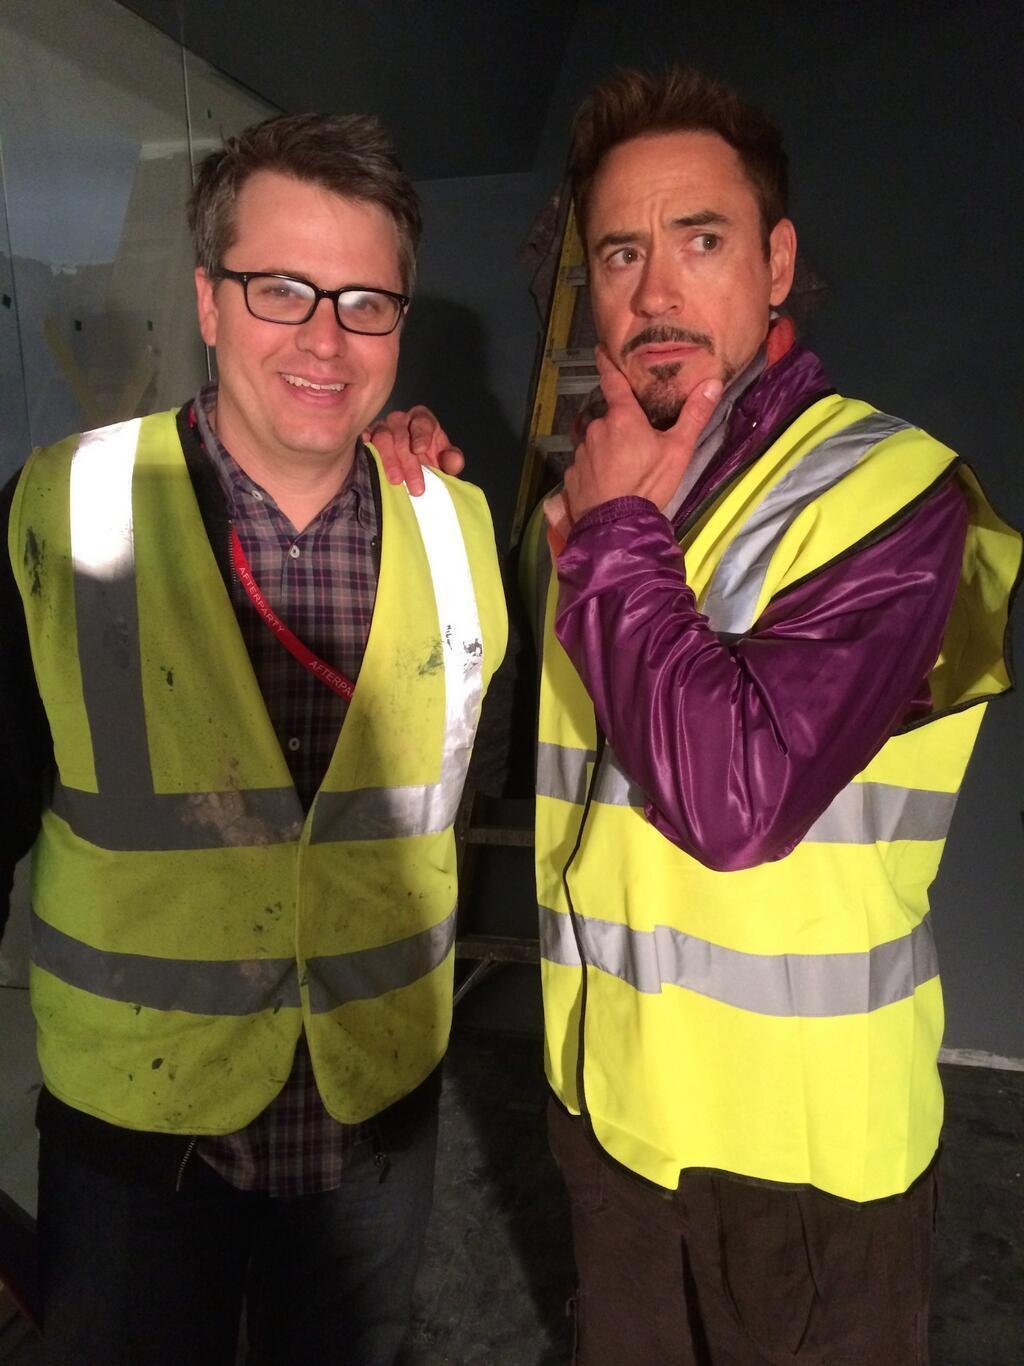 小罗伯特·唐尼自曝《复联2》片场照 钢铁侠与制片人身穿荧光服亮相